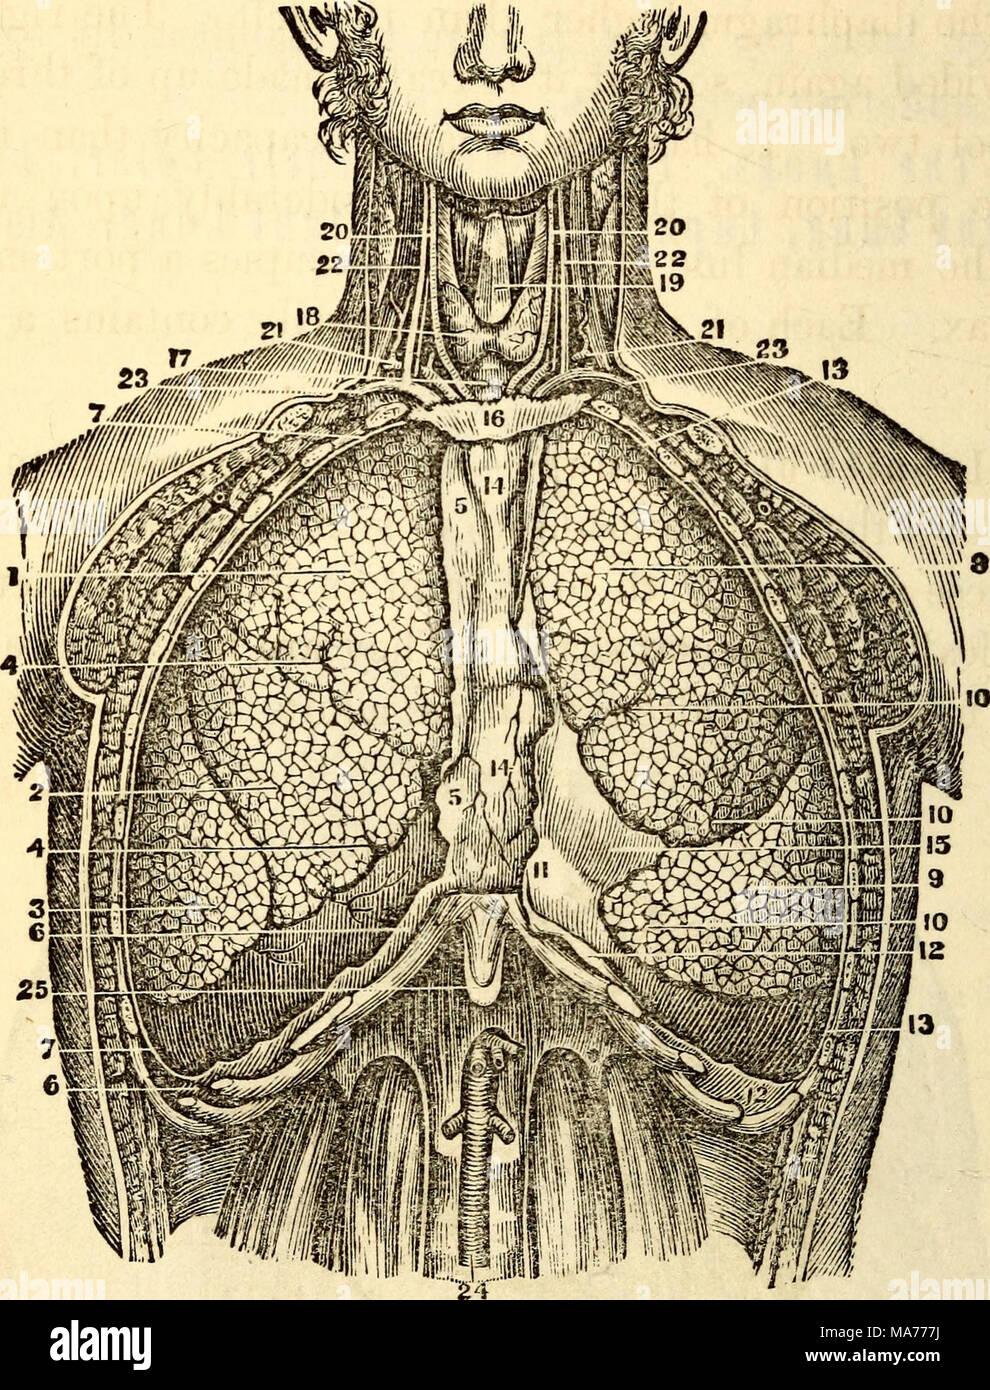 Charmant Anatomie Der Rechten Lunge Bilder - Menschliche Anatomie ...